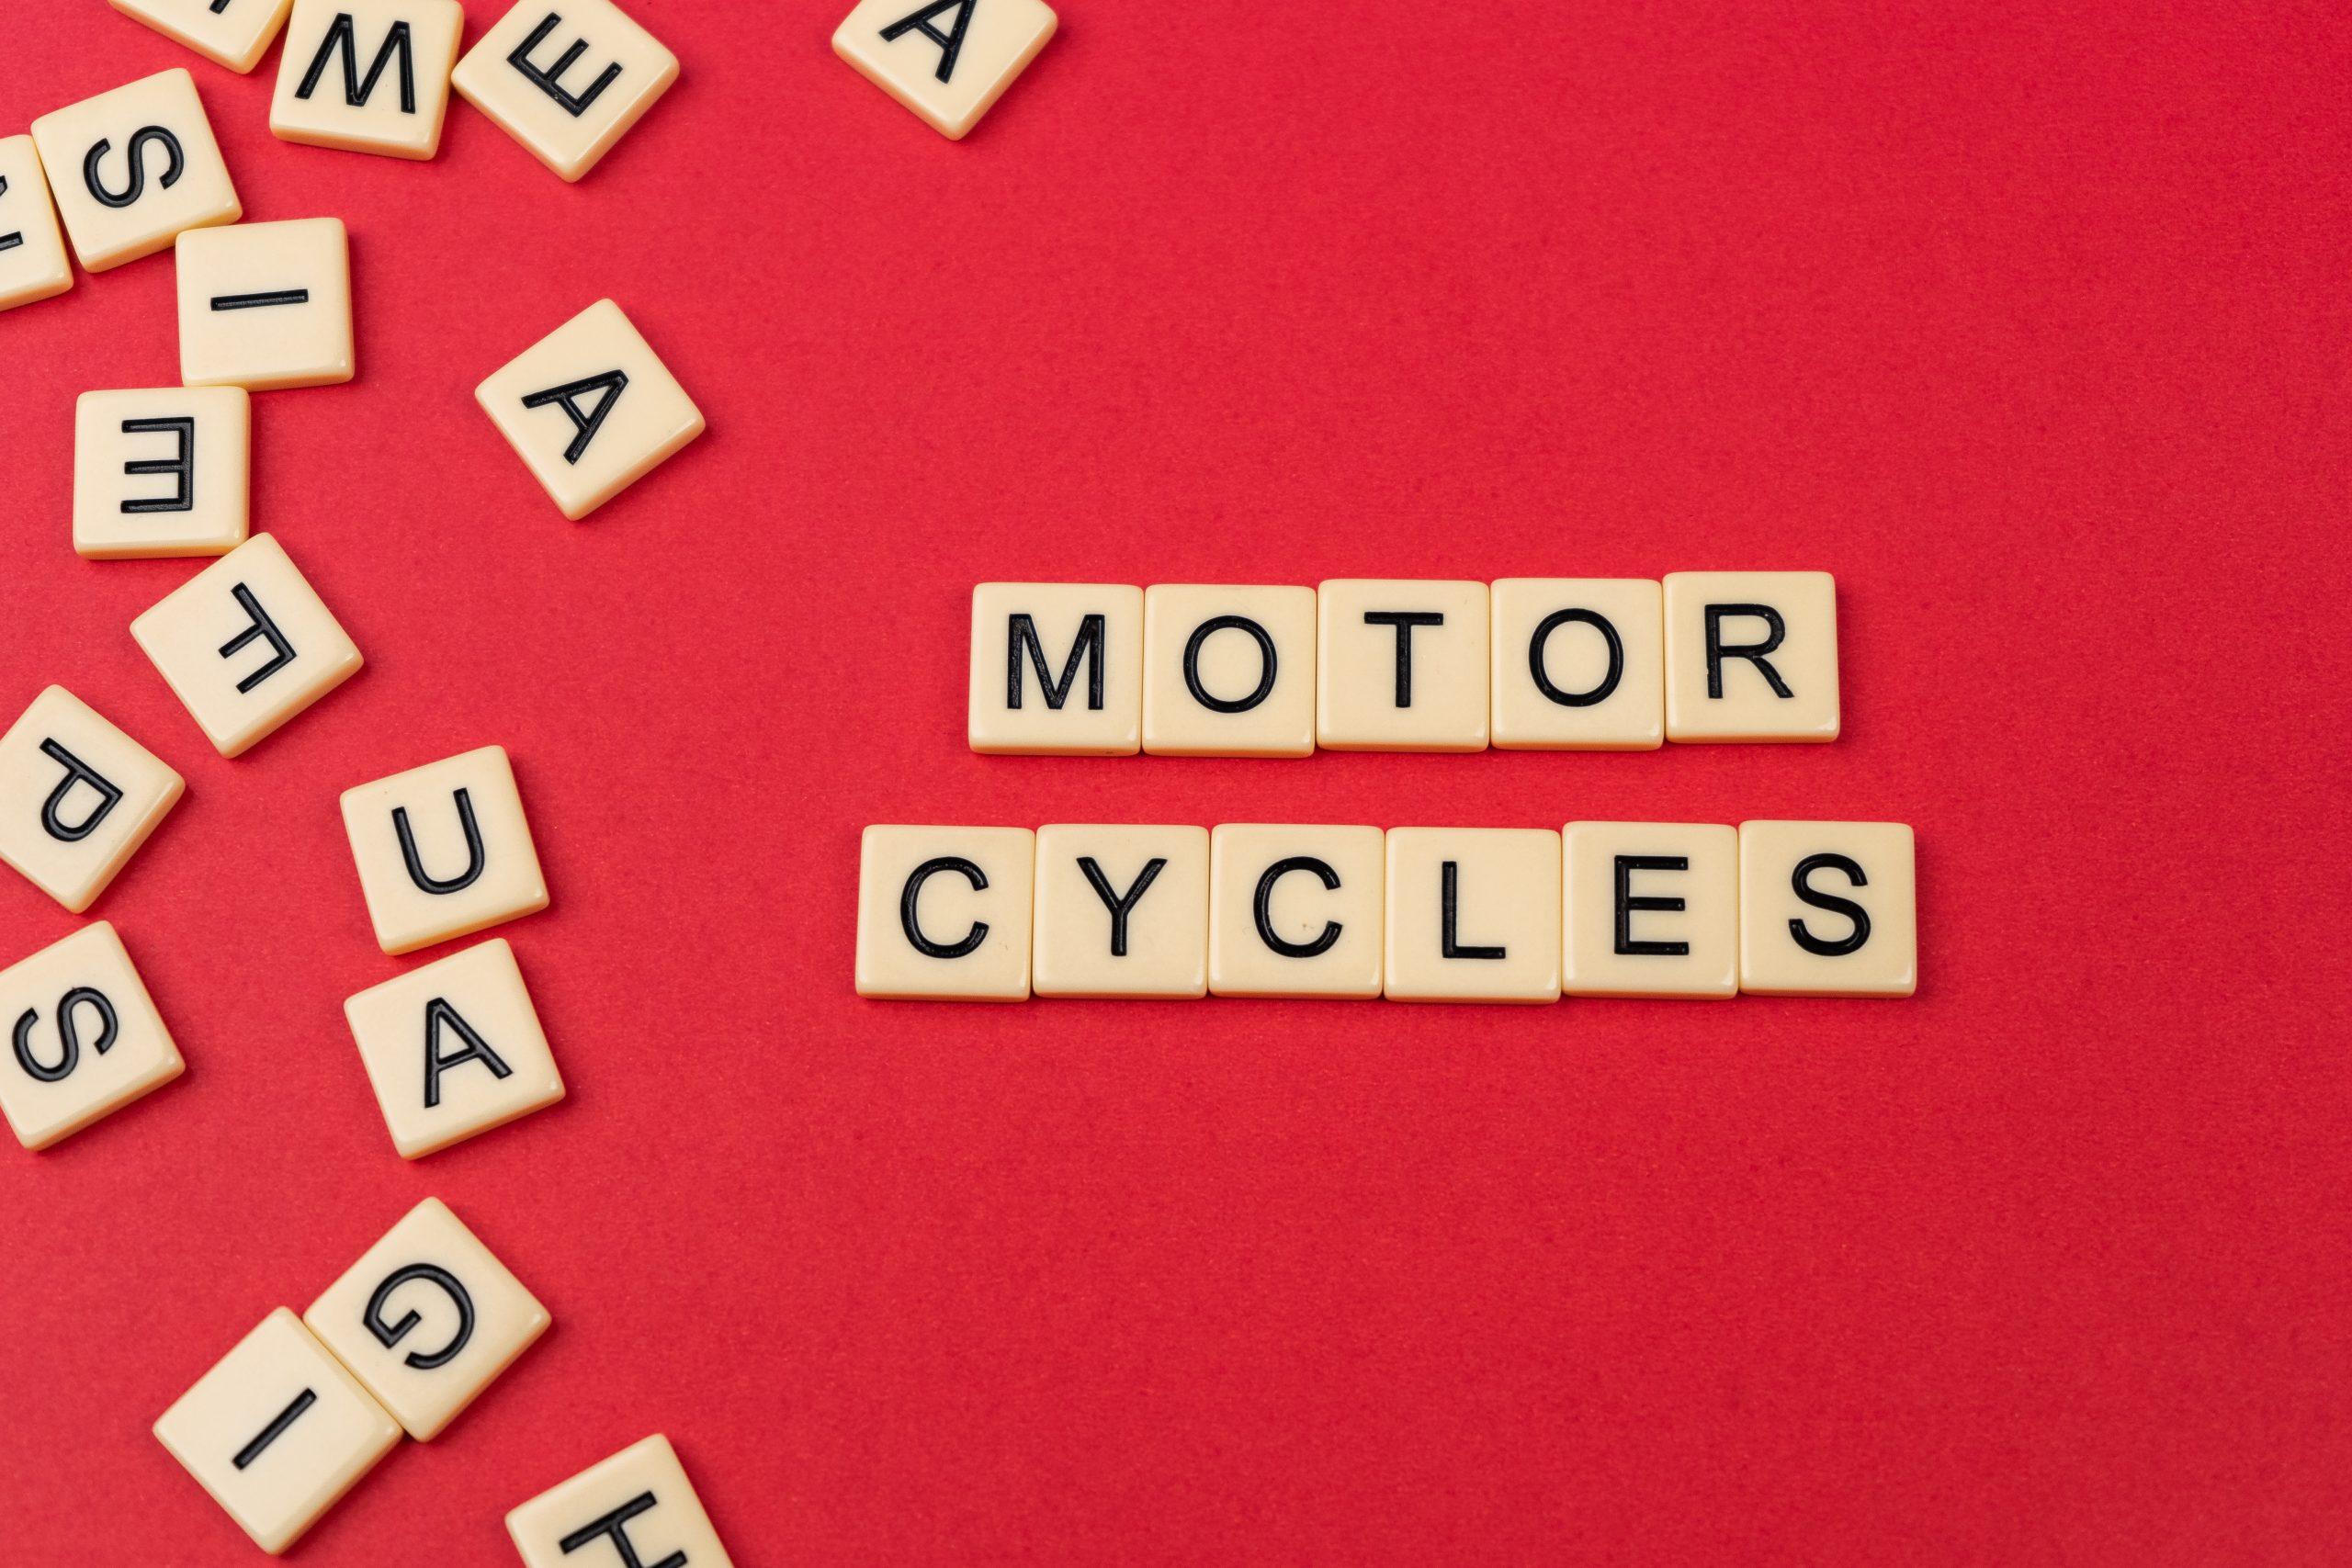 Motorcycles written on scrabble